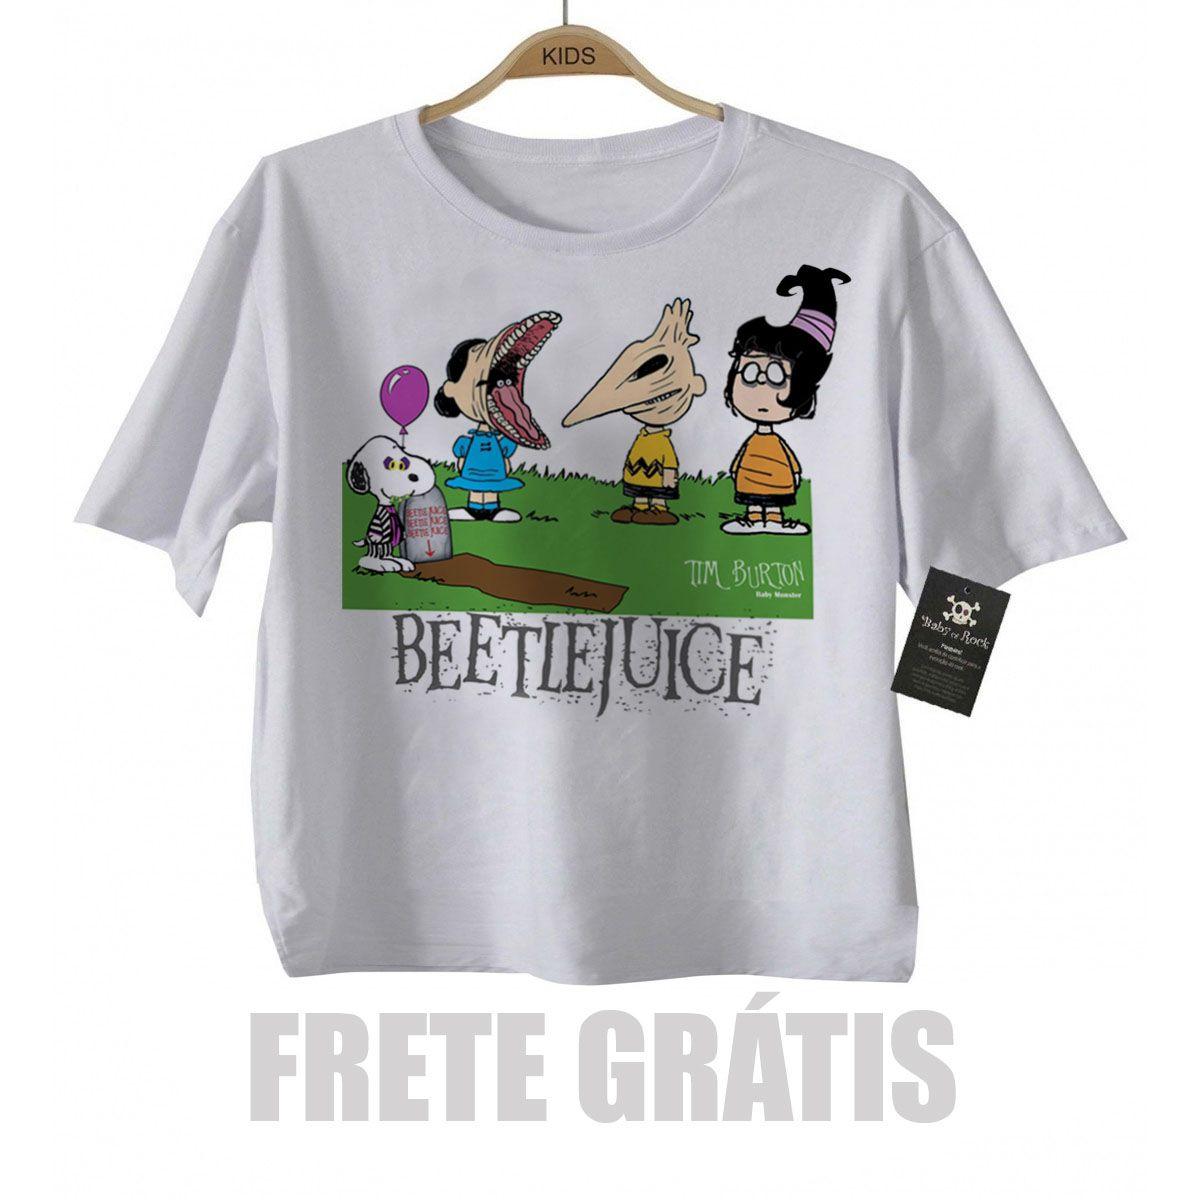 Camiseta Infantil  Beetlejuice, Os Fantasmas se divertem  - Baby Monster S/A